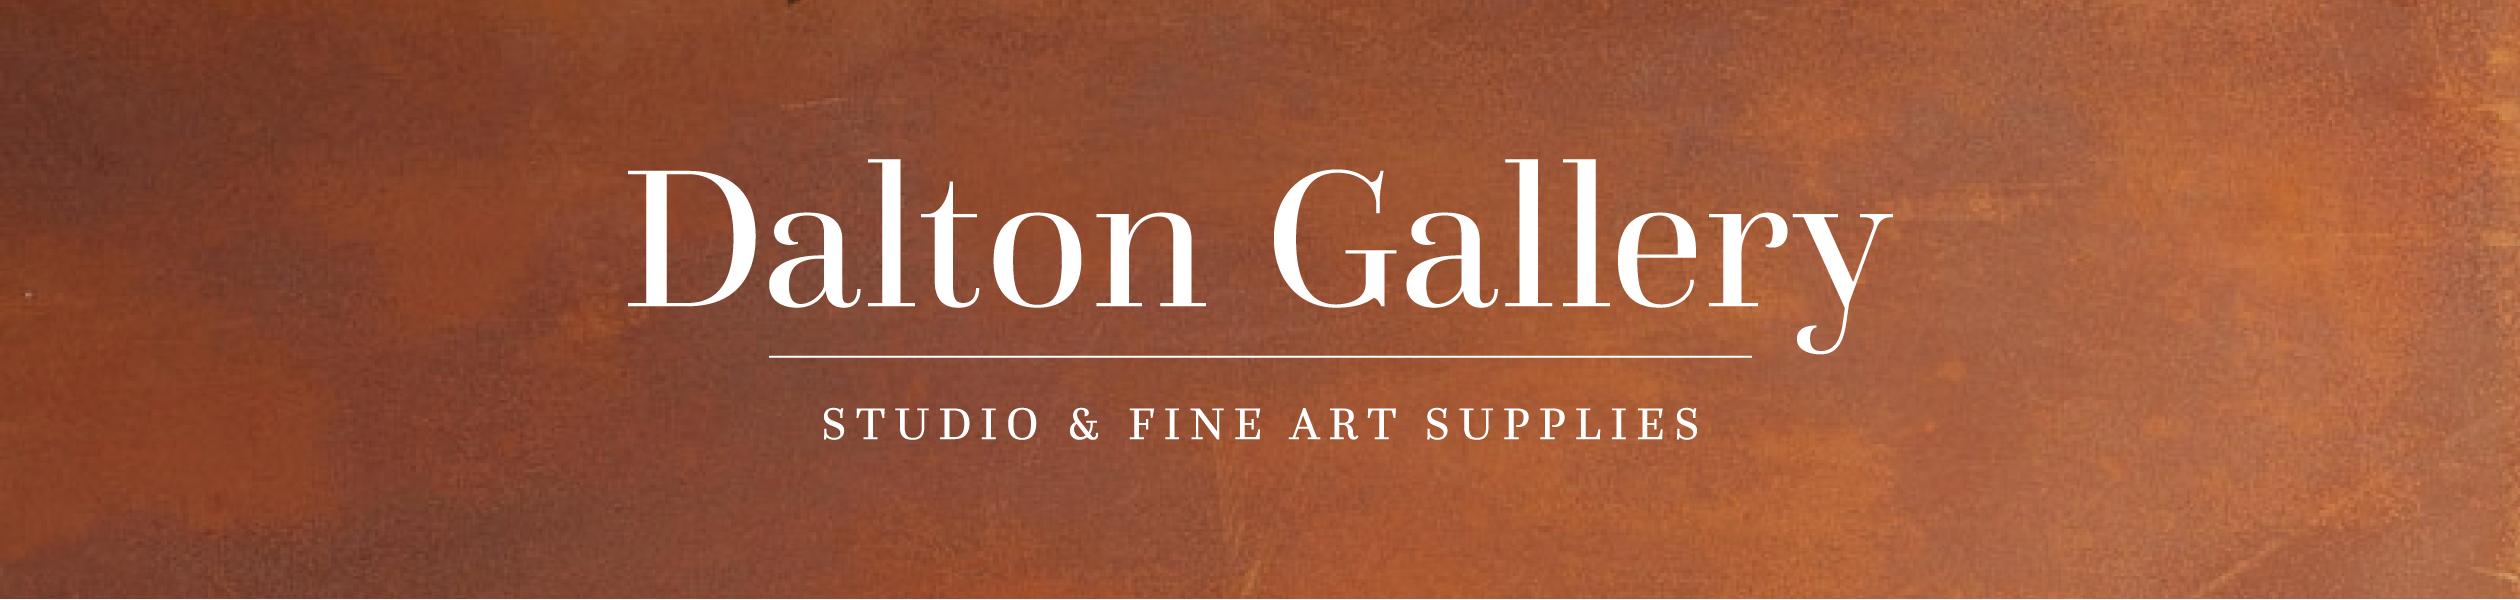 Dalton Gallery header